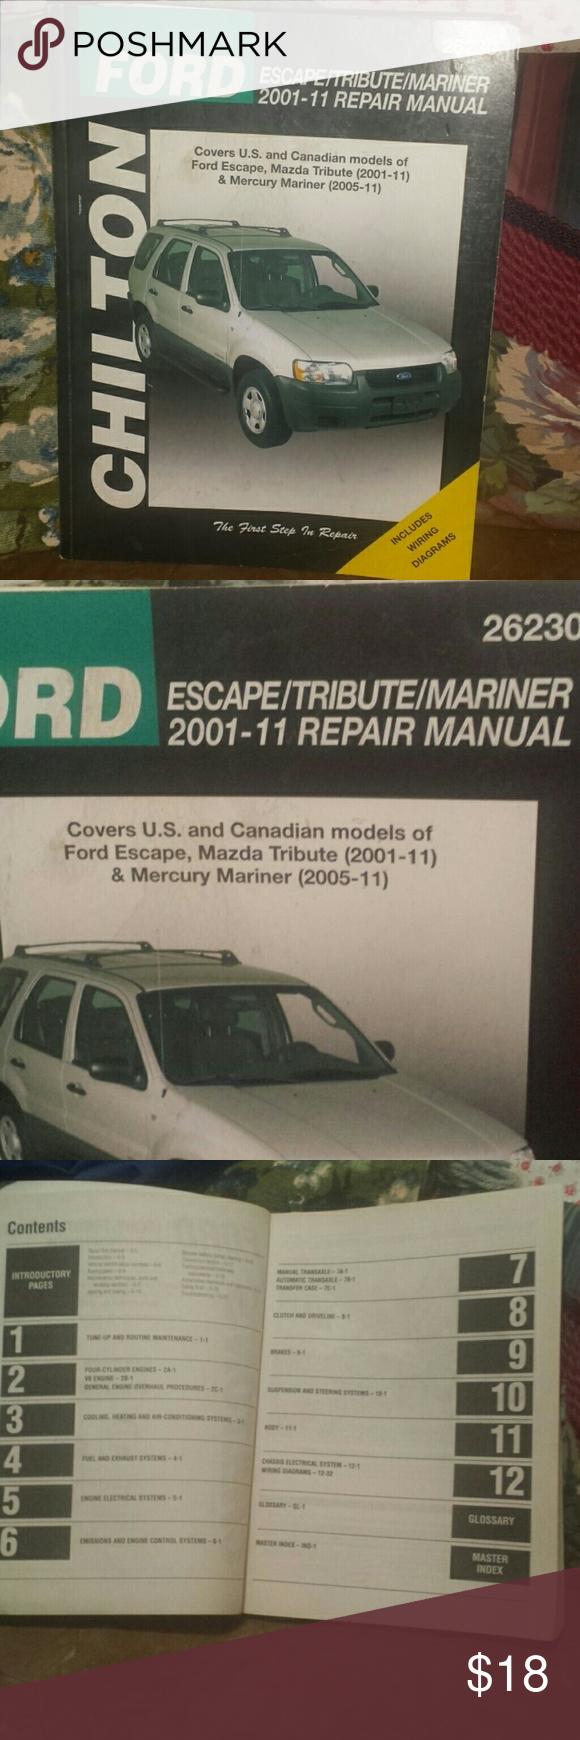 Ford Escape Tribute Mariner Repair Manual Repair Manuals Ford Escape Repair